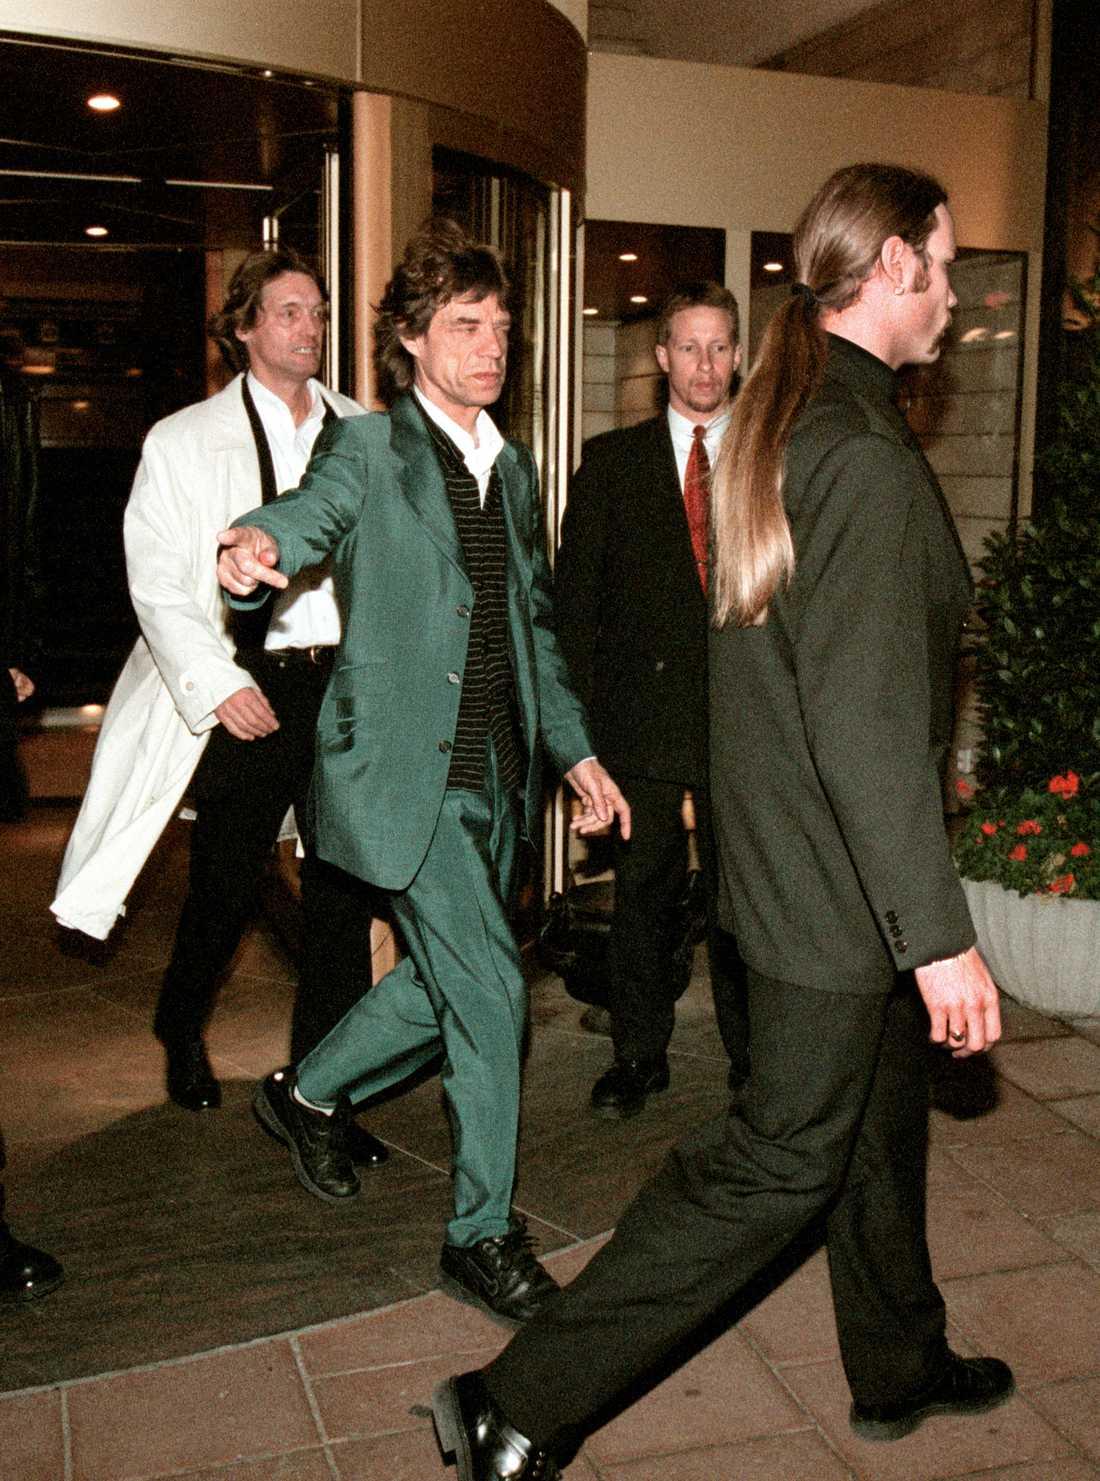 Johannes Brost och Mick Jagger hade varit vänner sedan 60-talet. Här lämnar de Grand Hotel ihop år 1998.